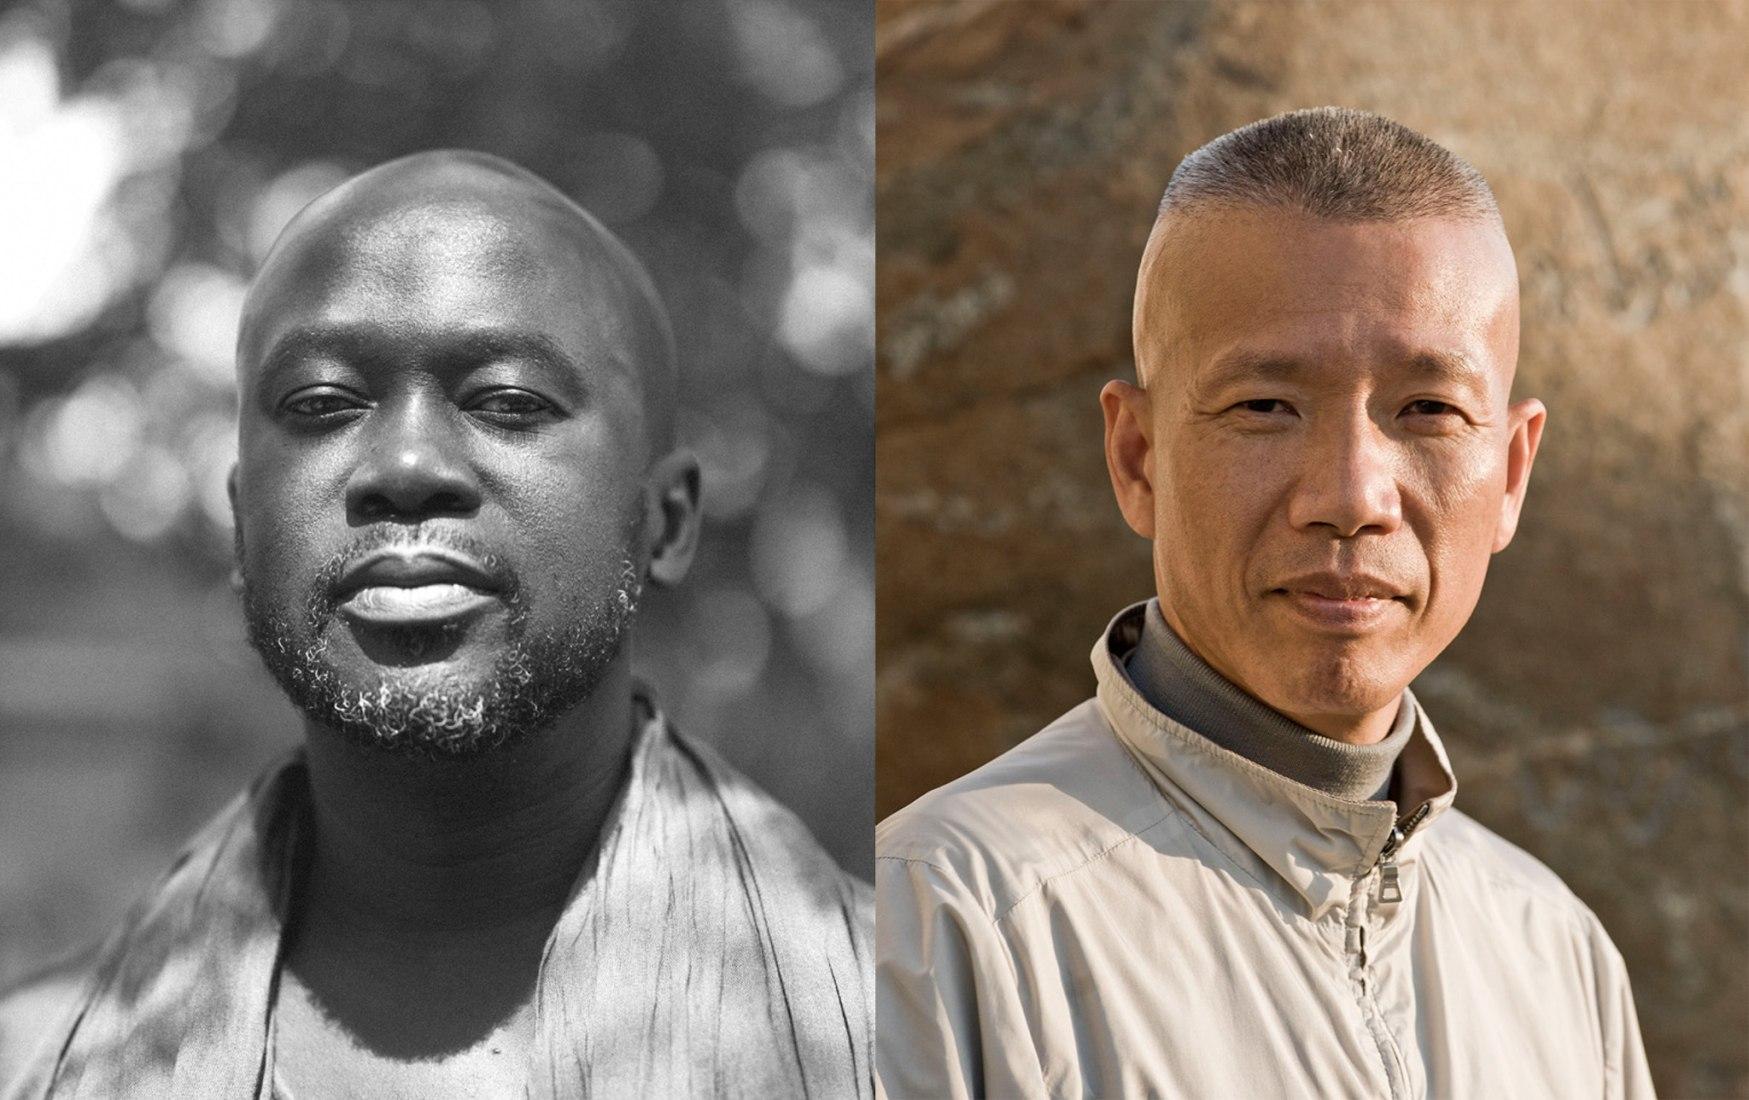 David Adjaye and Cai Guo-Qiang To Receive 2020 Isamu Noguchi Award